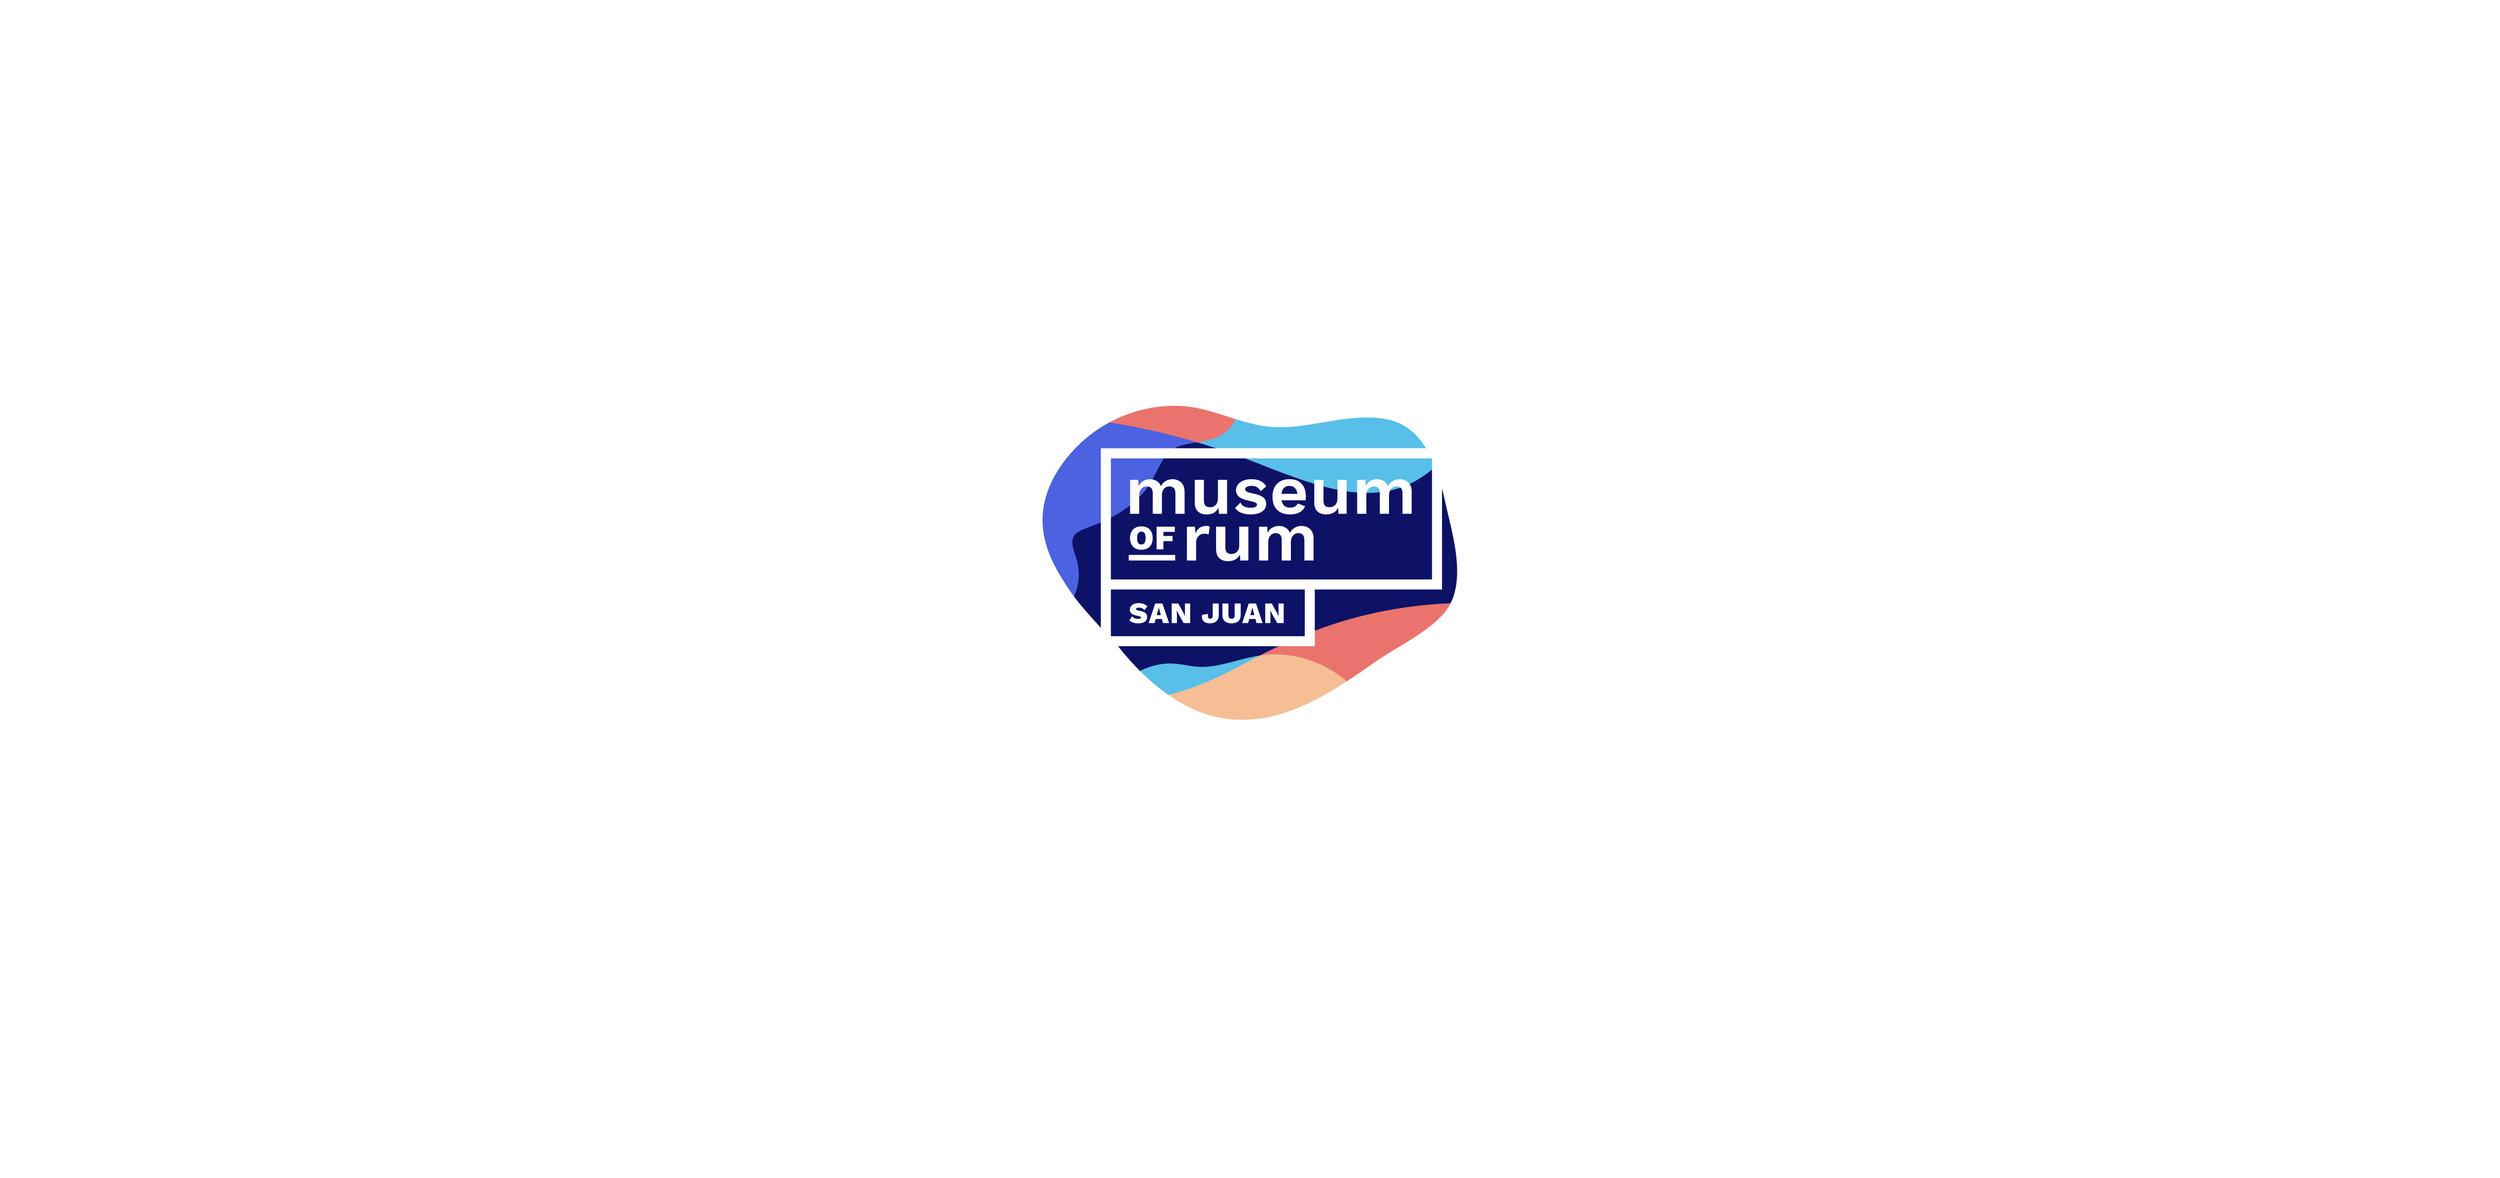 MuseumofRum_Logo.jpg